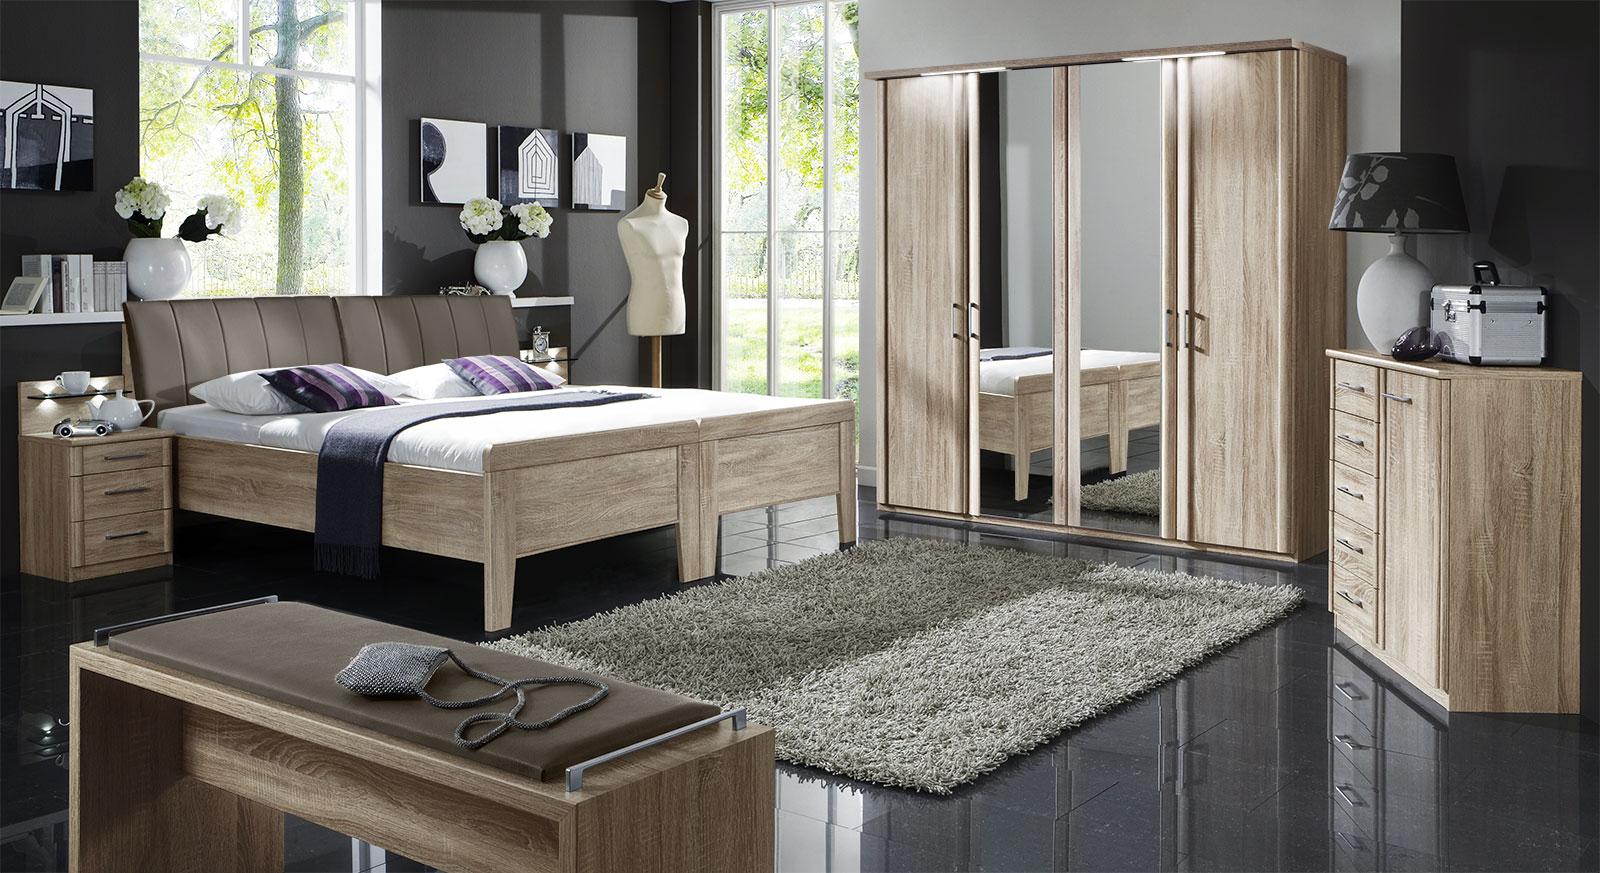 Komplett Schlafzimmer Runcorn passende Produkte